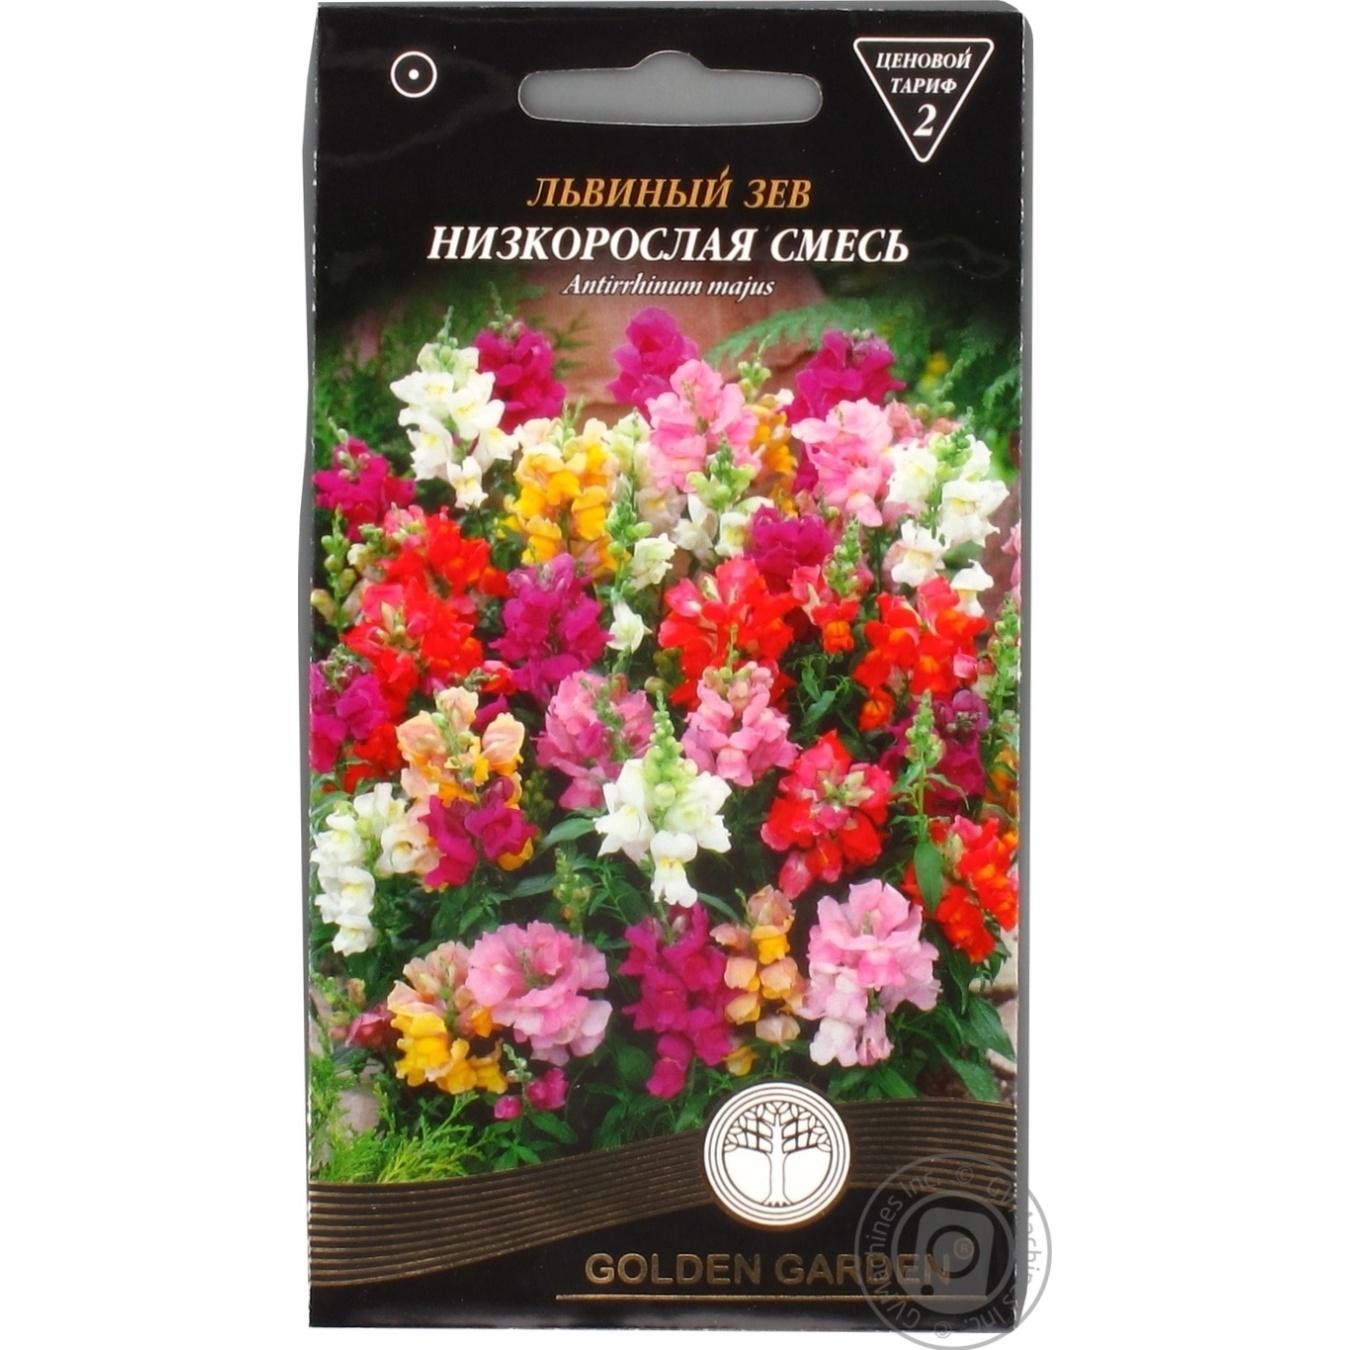 Насіння Golden Garden Квіти Ротики Низькоросла суміш 0 efcc829ba7a2c